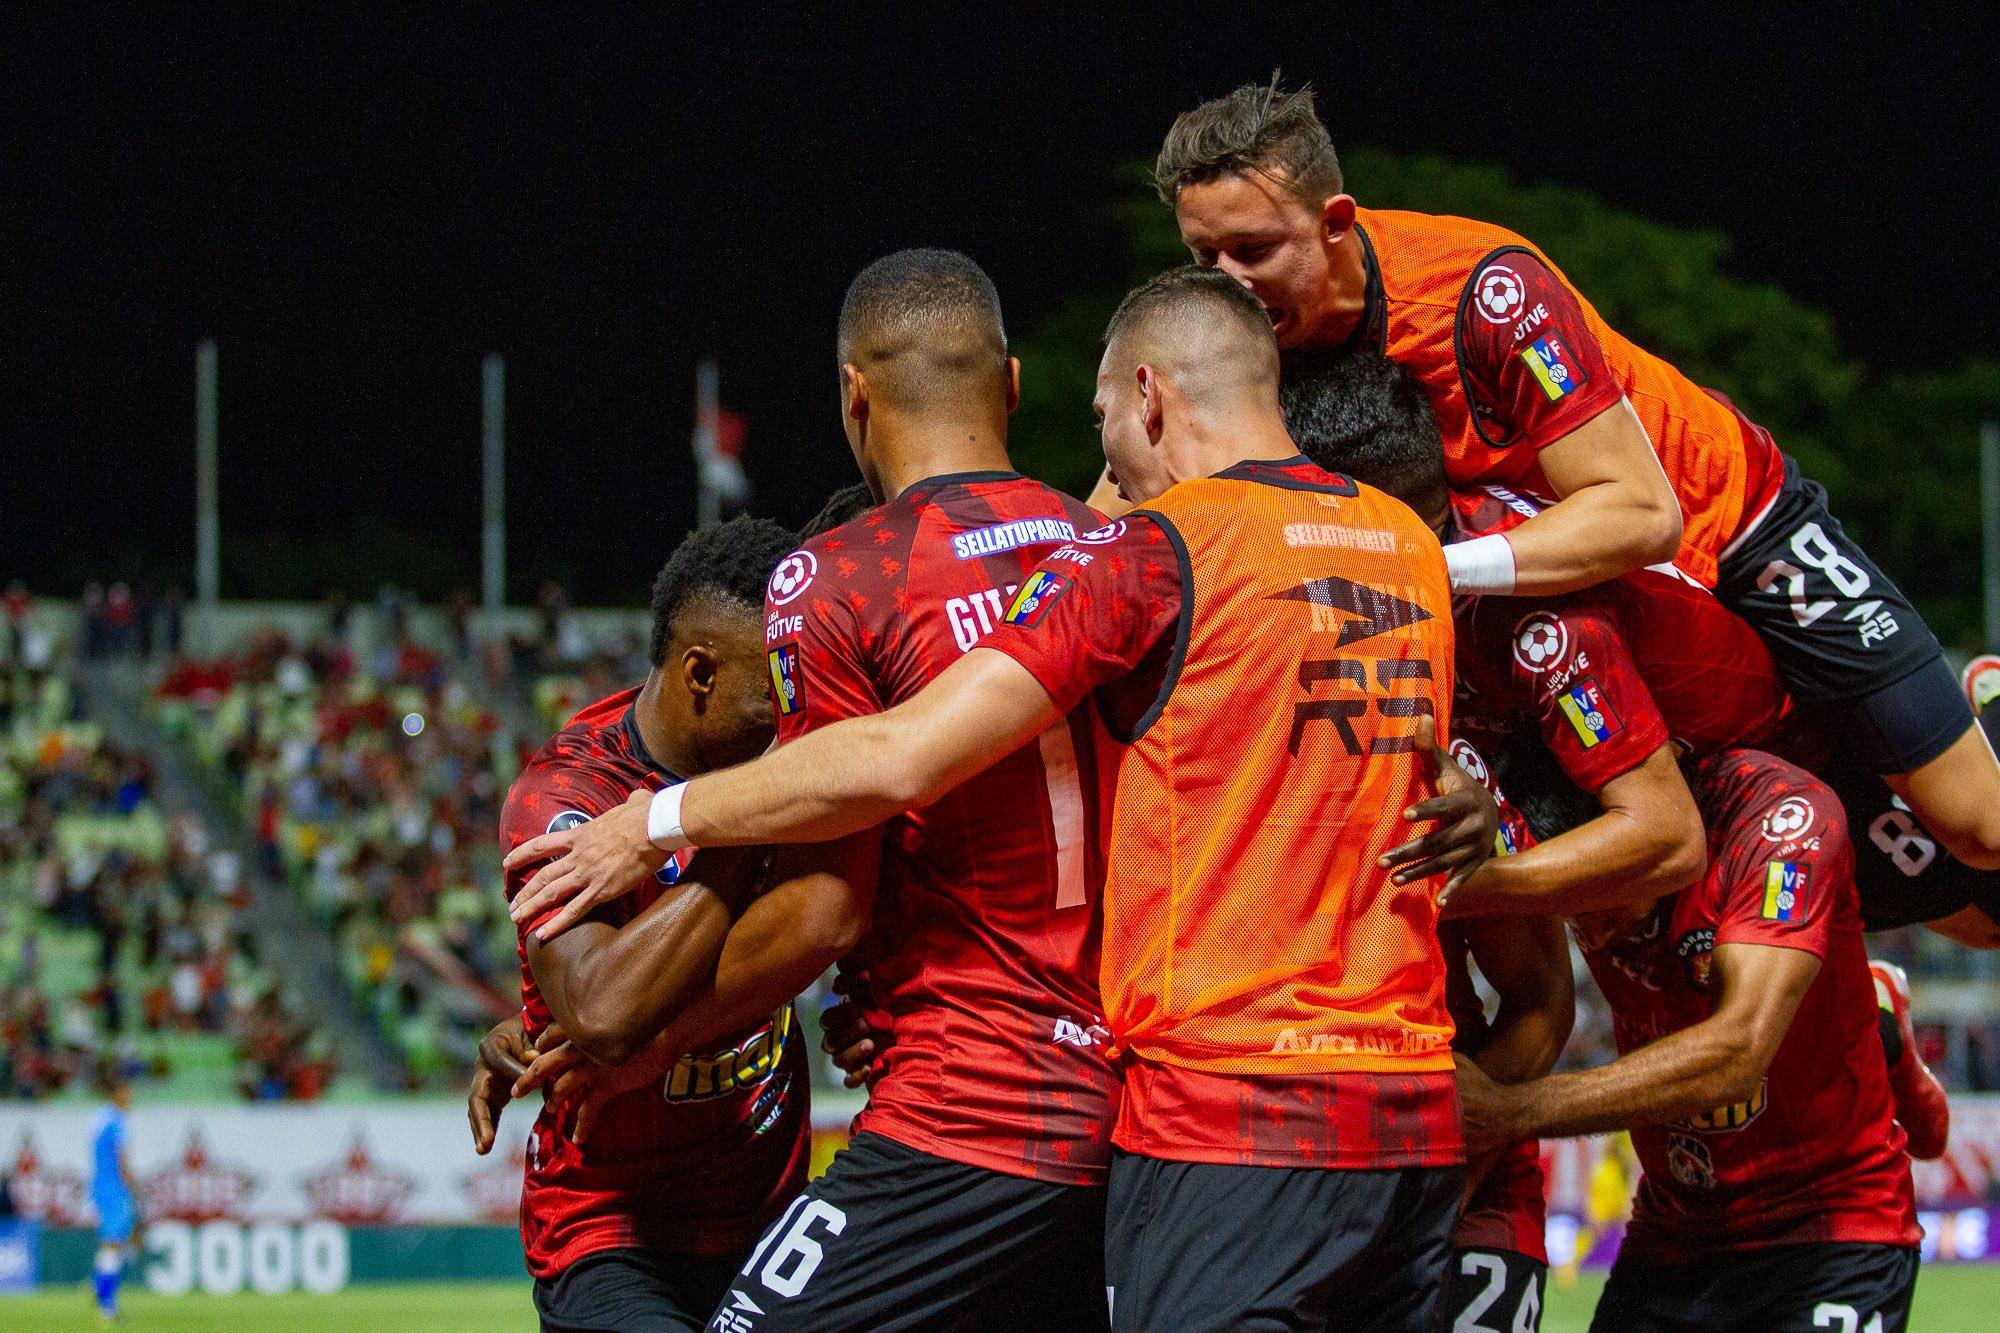 Este miércoles da comienzo la fecha 10 de la Liga FUTVE del fútbol venezolano